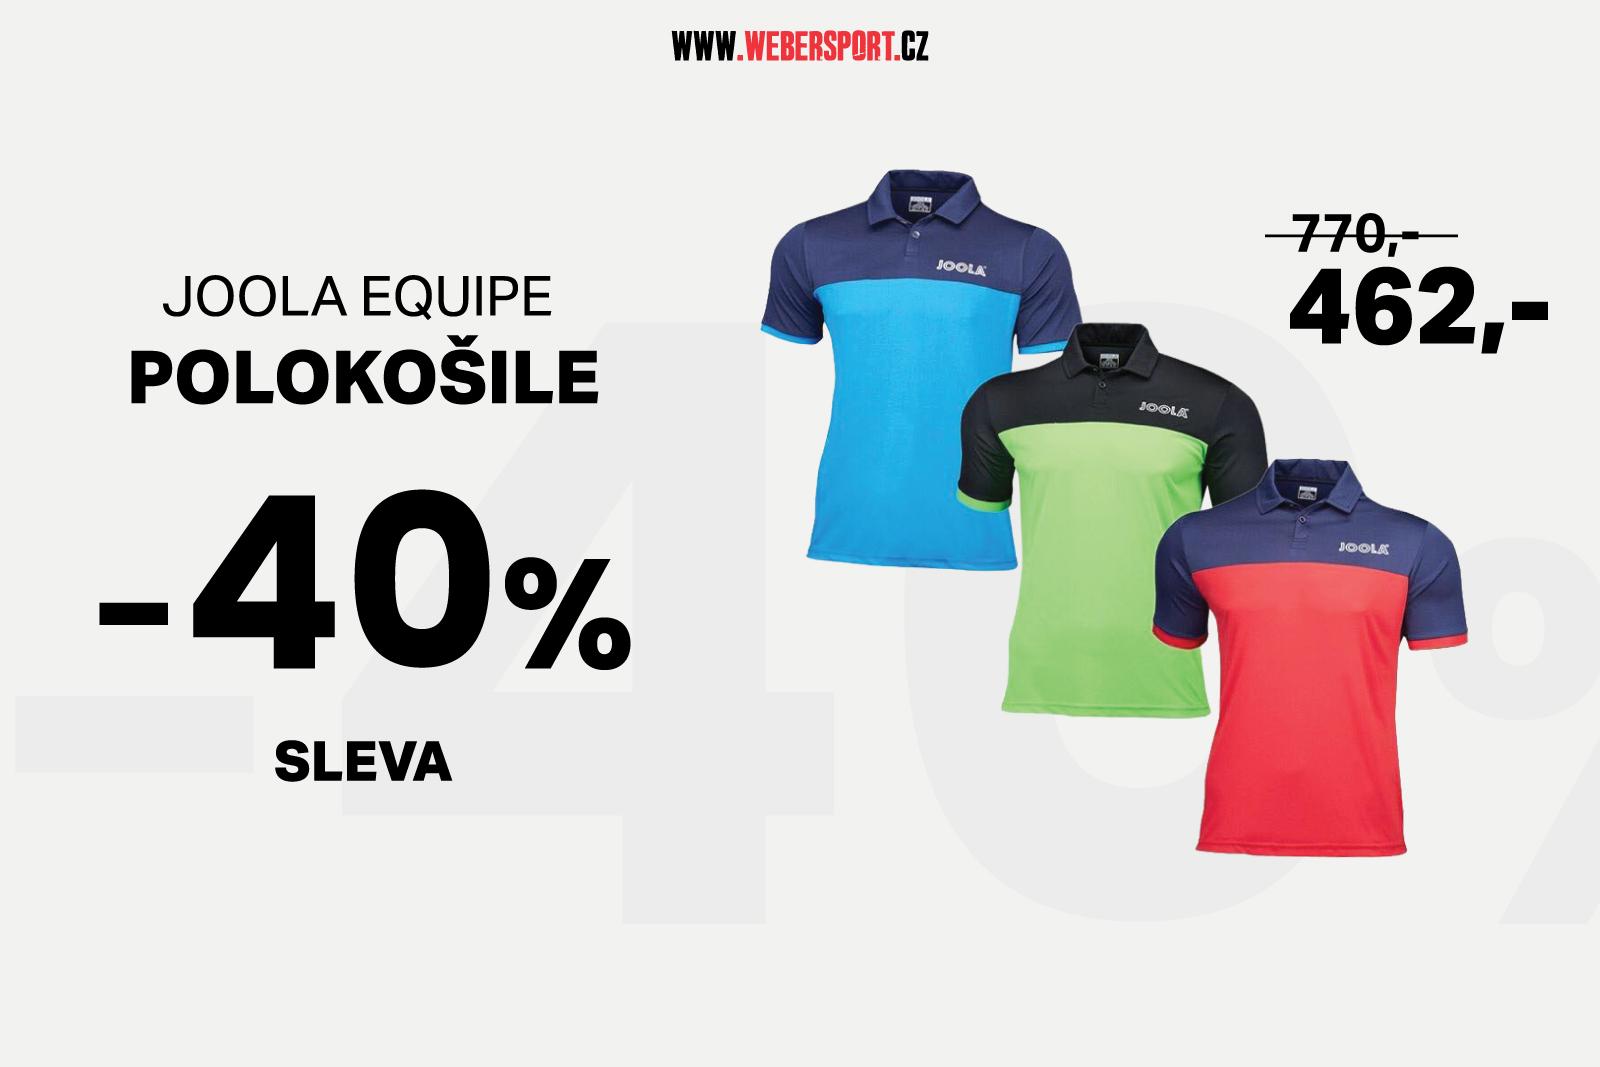 Joola Polokošile Equipe